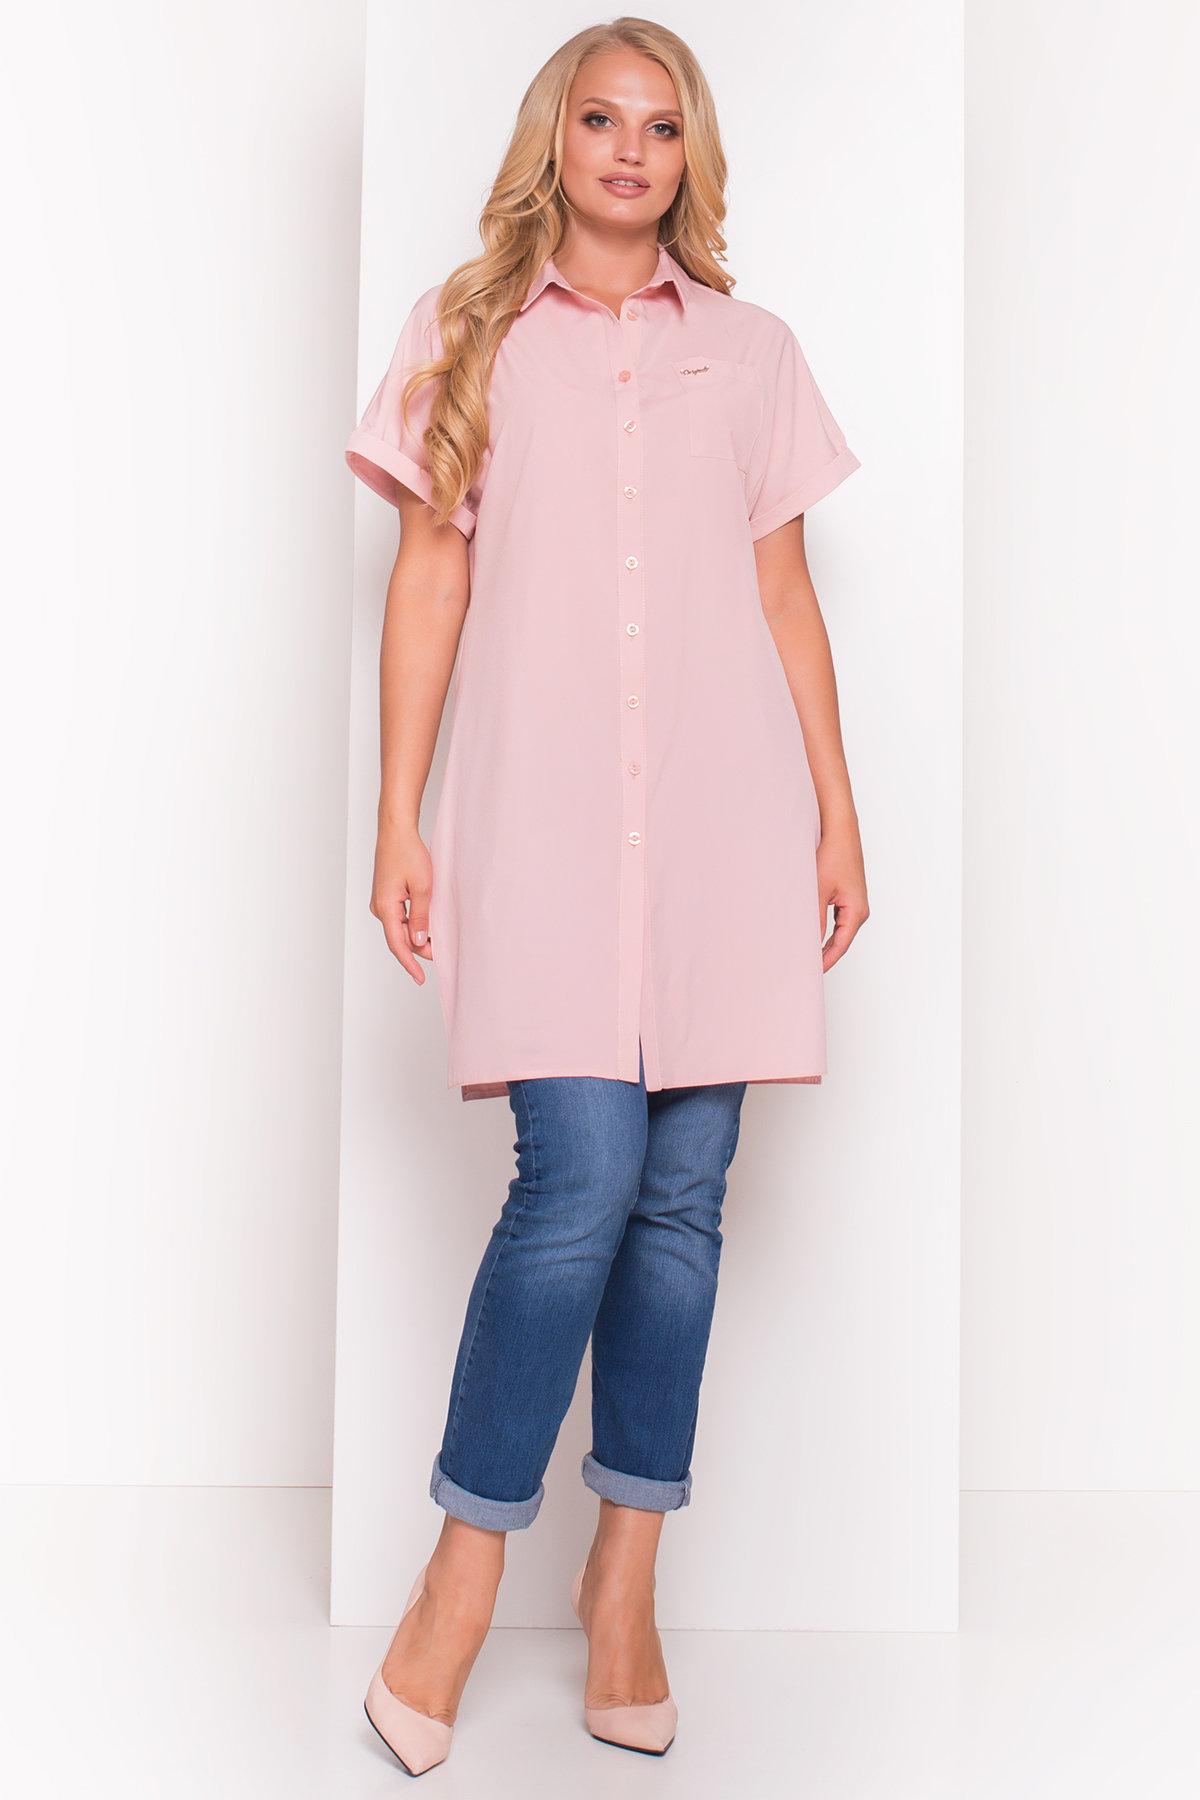 Платье-рубашка Шиен Donna 5088 АРТ. 36129 Цвет: Персик - фото 1, интернет магазин tm-modus.ru